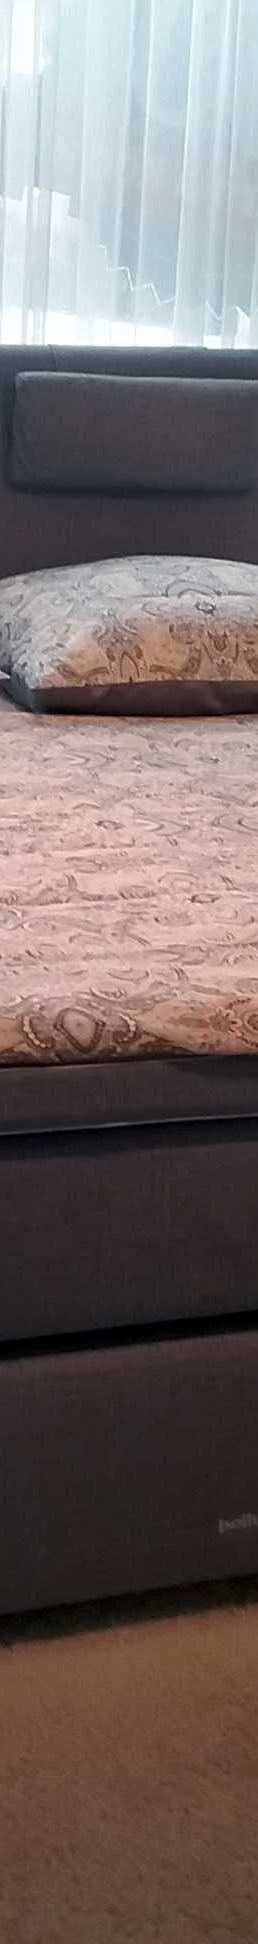 Bellus Boxspringbett beim Schlafzimmer und Bettenhaus Körner